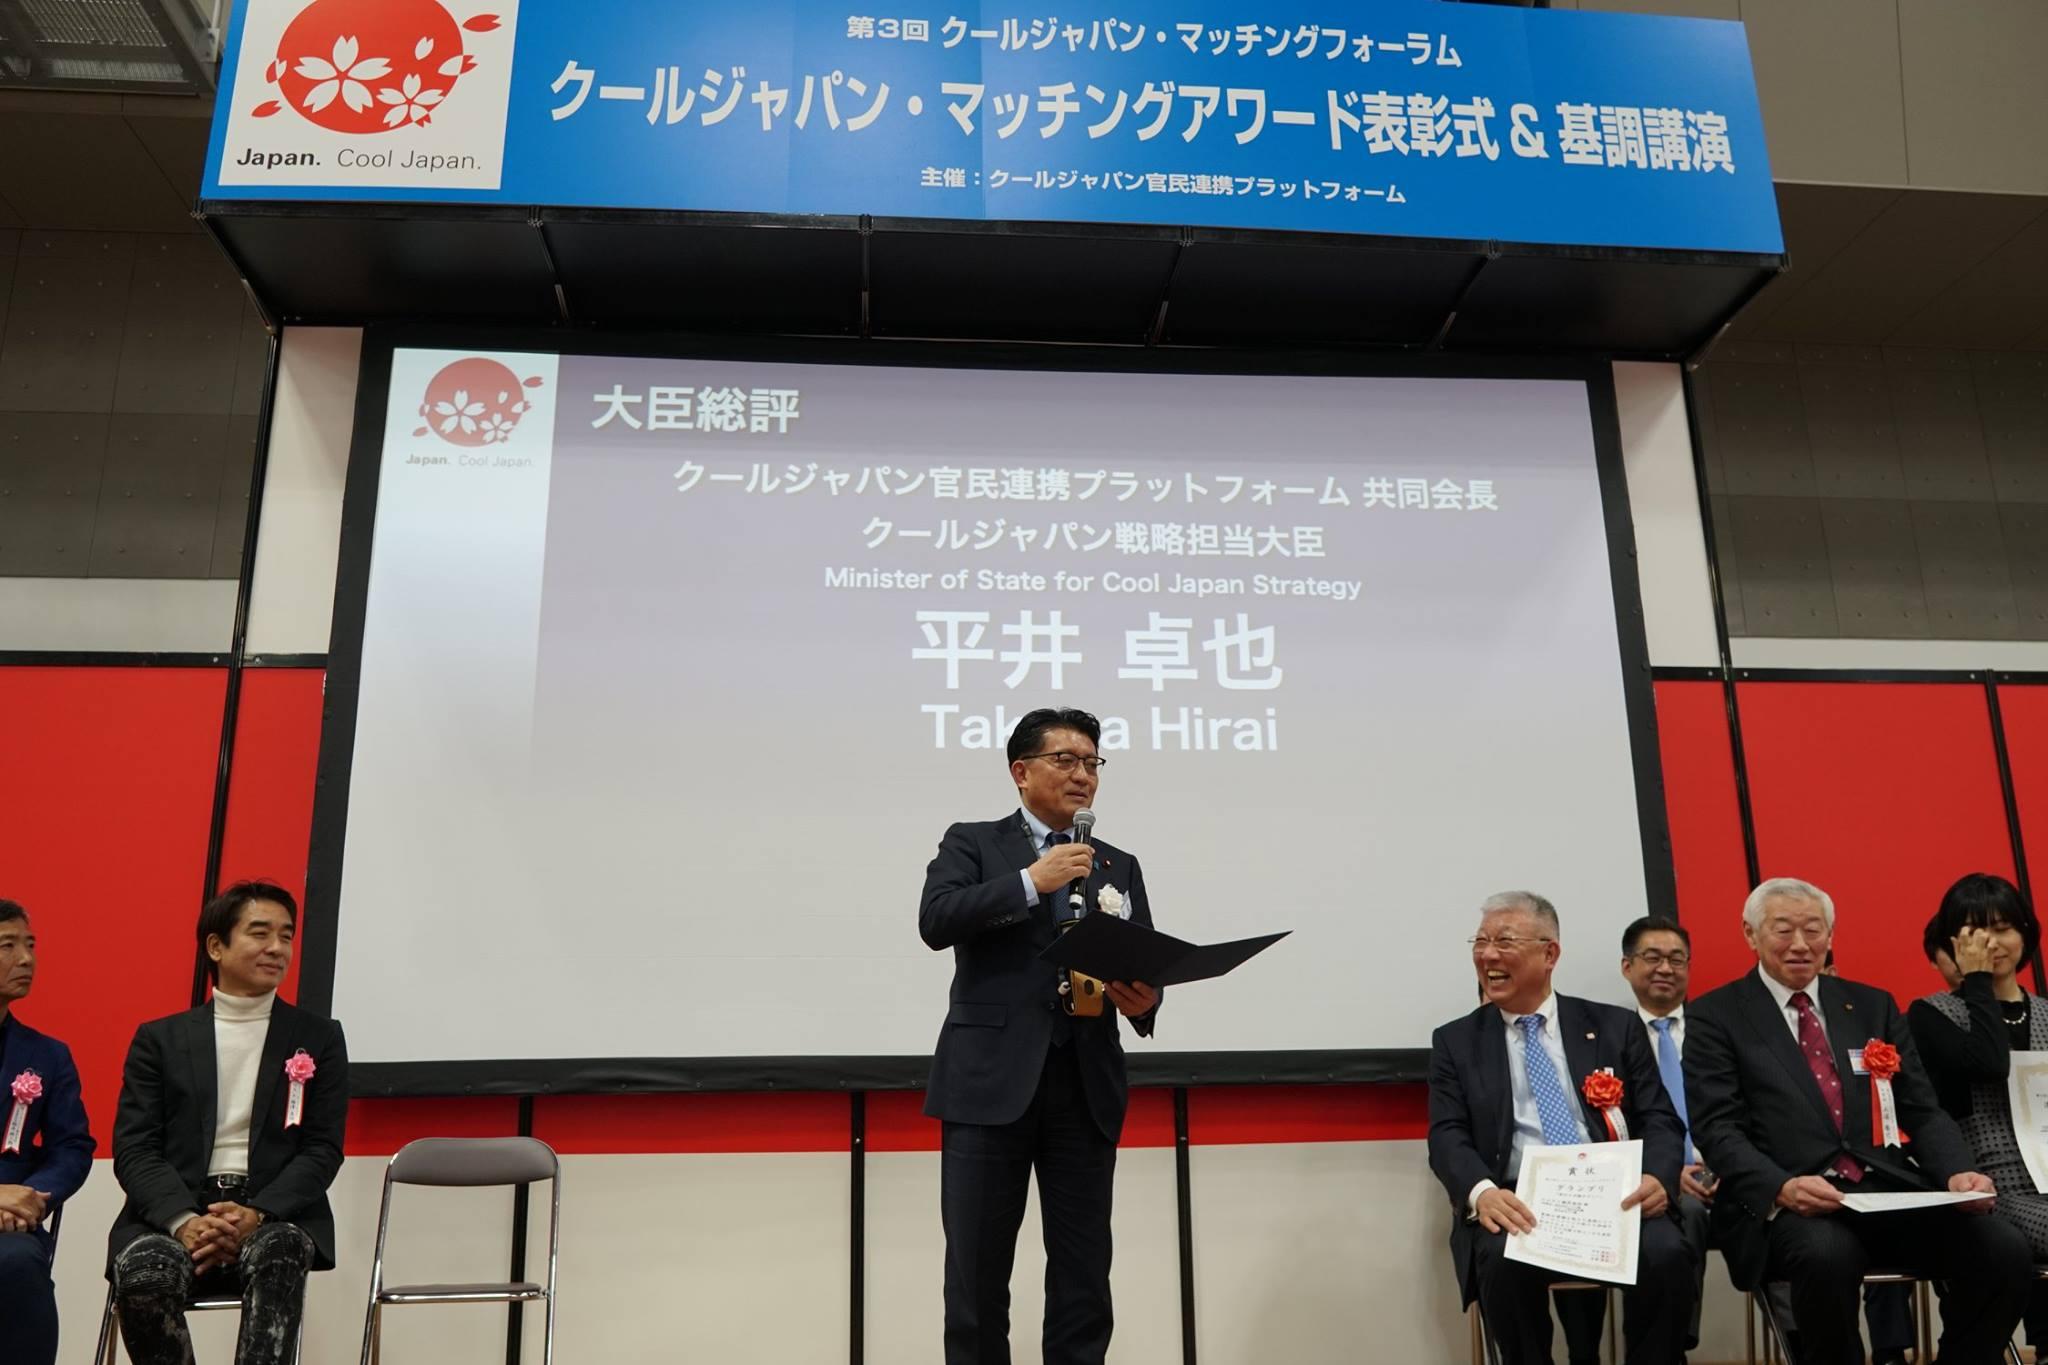 「第3回クールジャパン・マッチングアワード」準グランプリ受賞のお知らせ